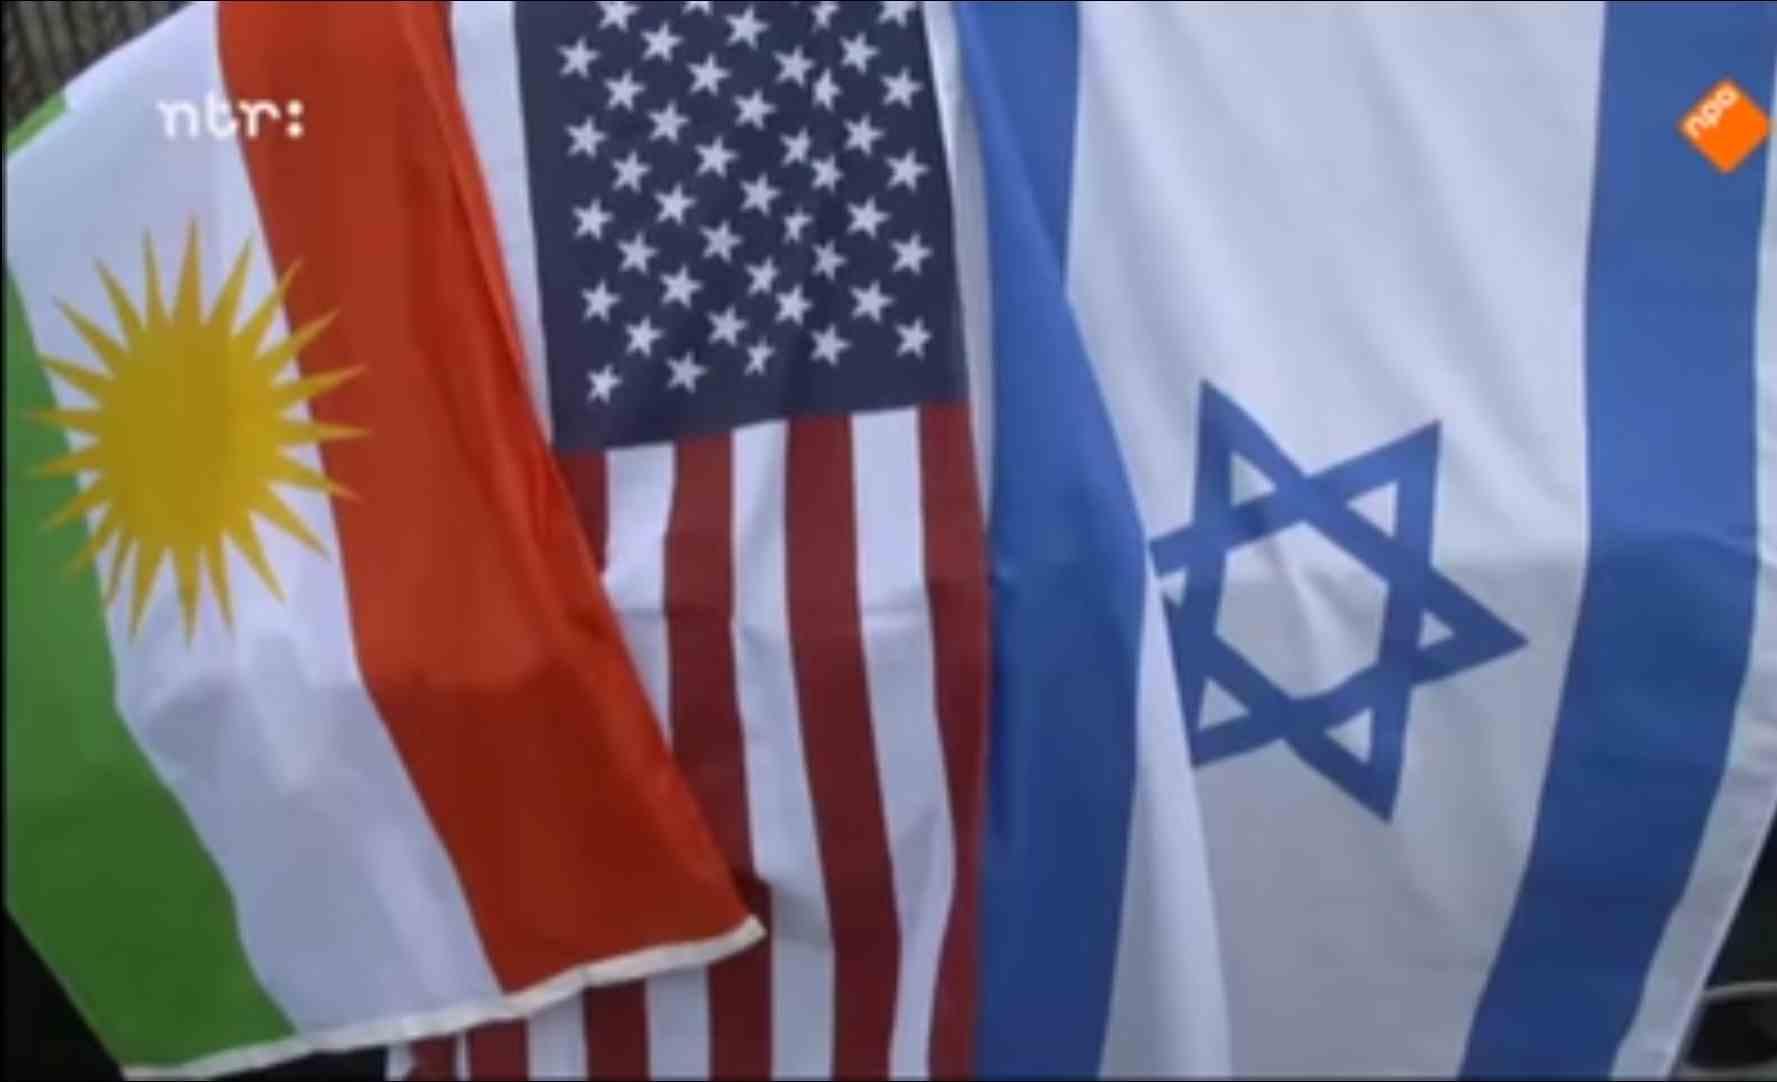 Vlag van Koerdistan, Verenigde Staten en Israël